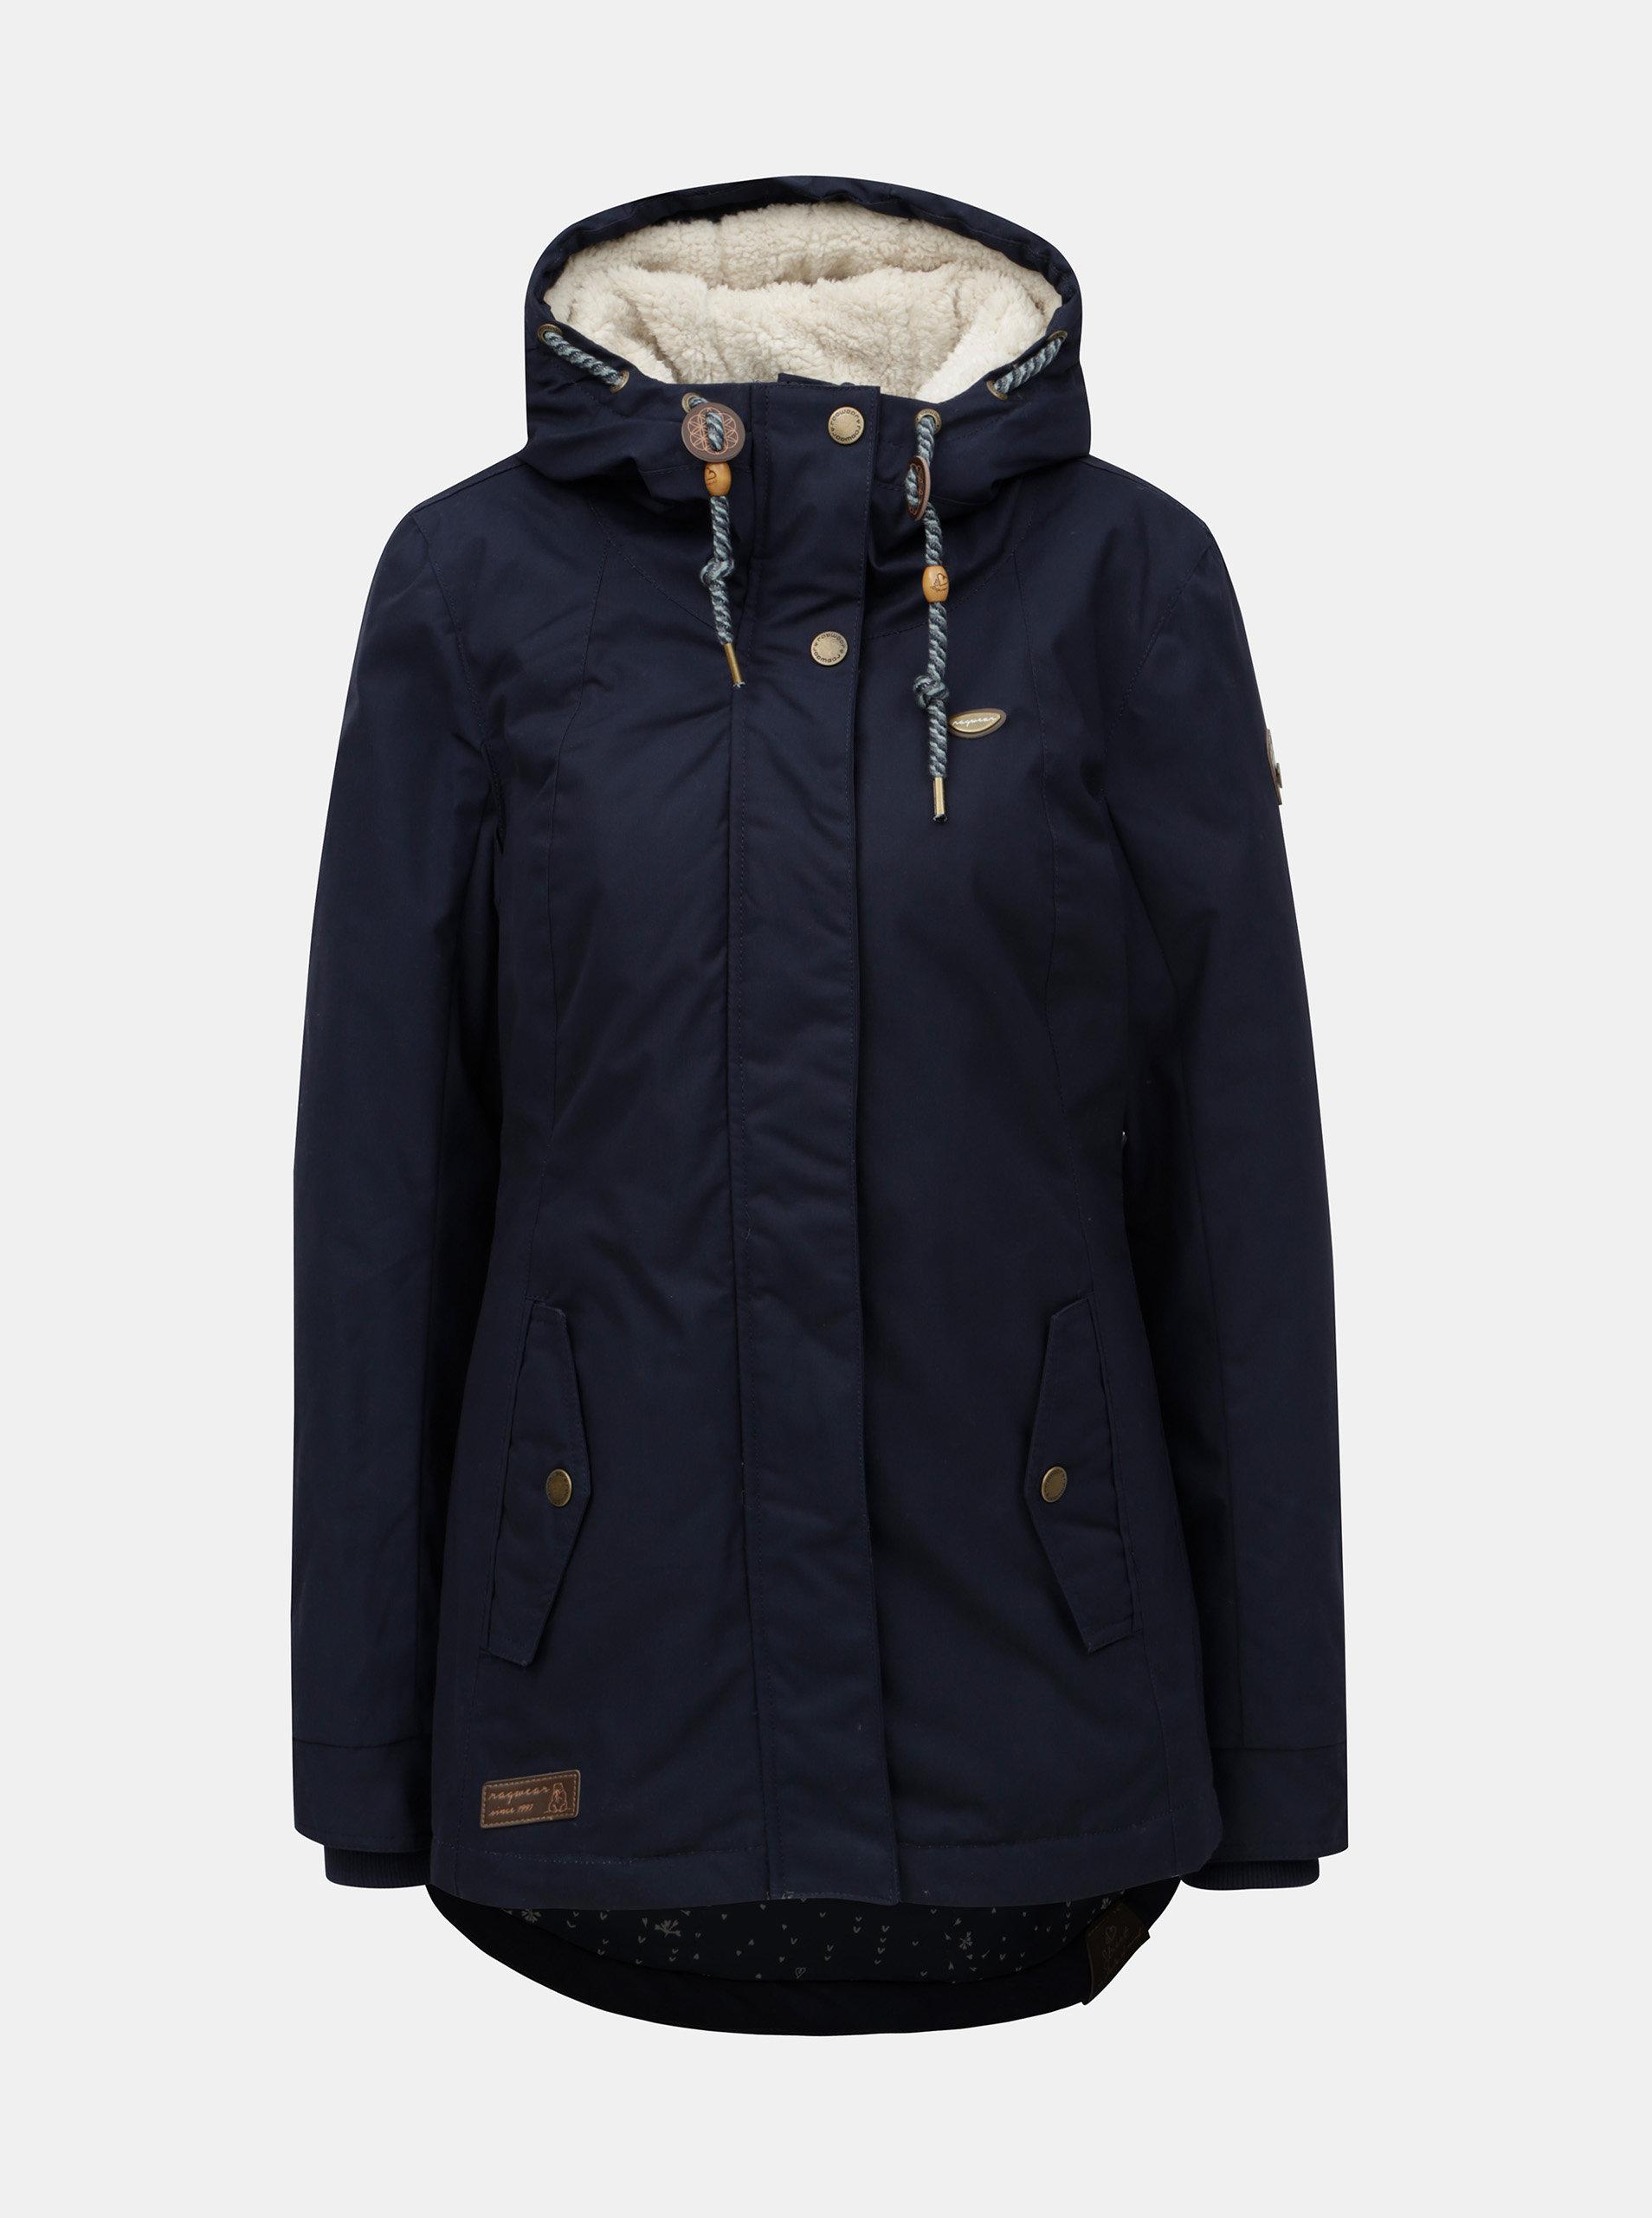 002c0174a12 Tmavě modrá dámská zimní bunda s kapucí Ragwear Monade ...